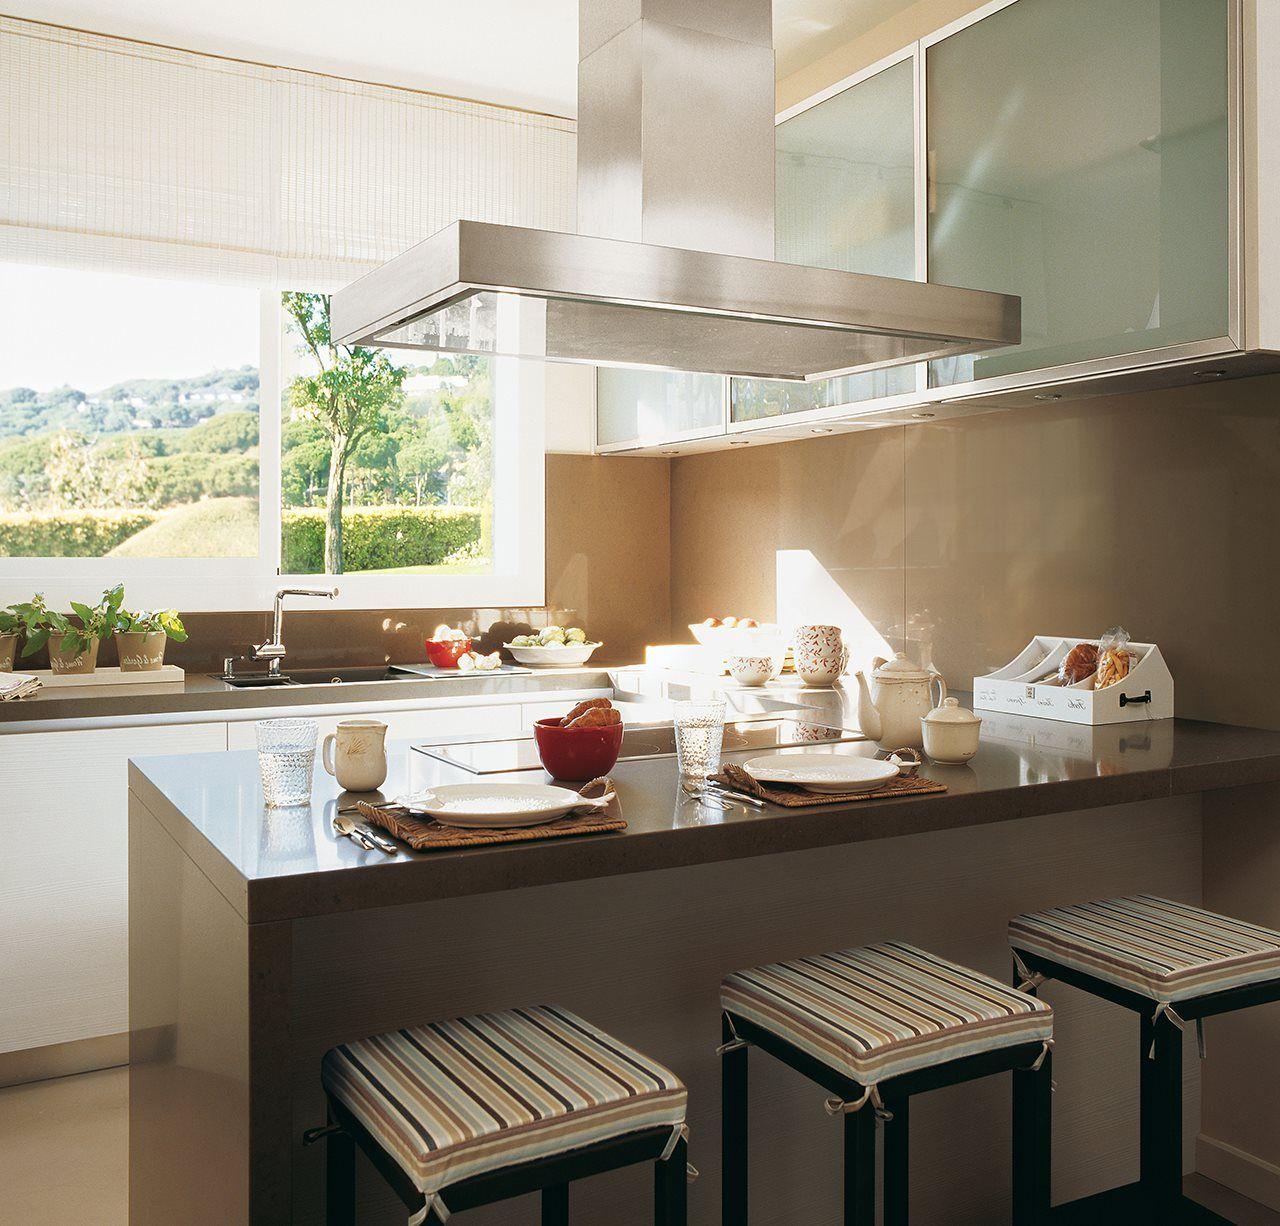 Una encimera con doble función | Diseño de cocina, Dobles y Cocinas